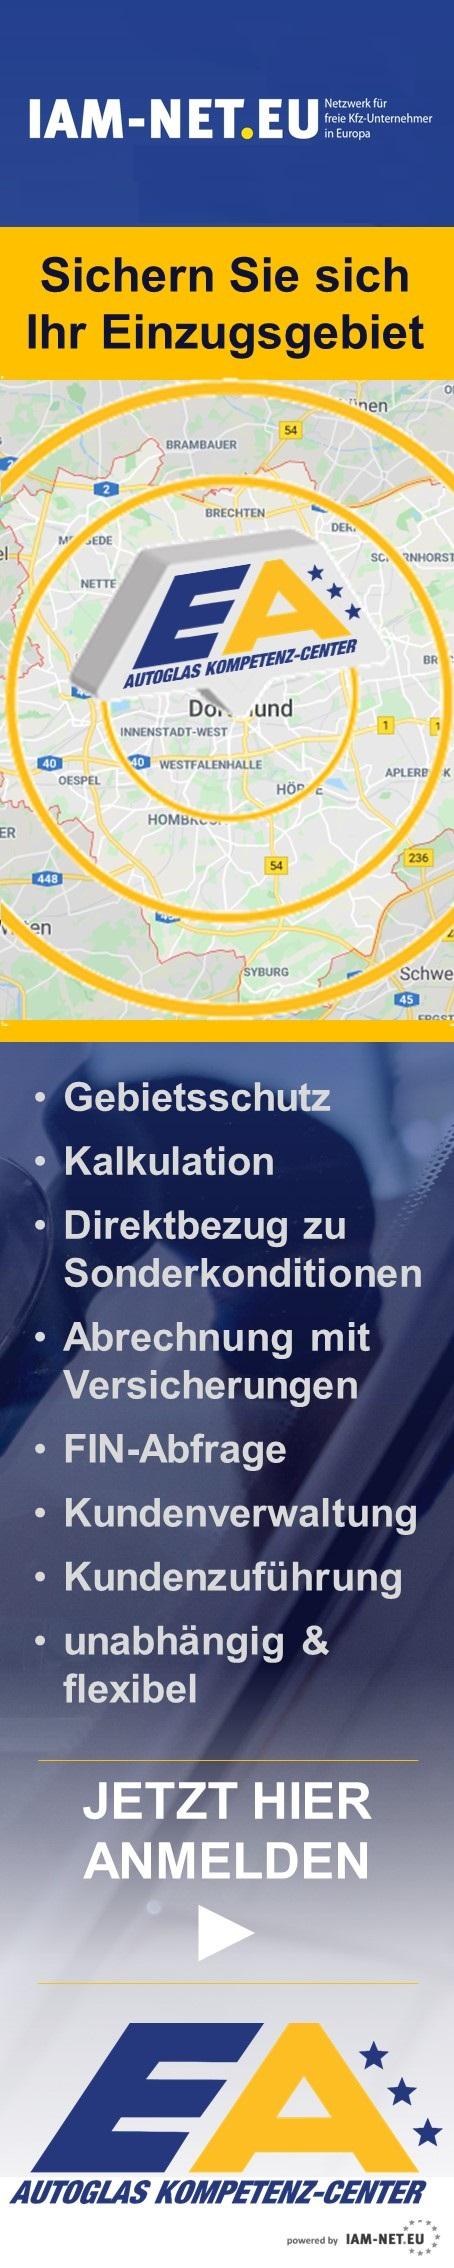 https://iam-net.eu/cms/index.php/de/autoglas.htmlhttps://iam-net.eu/cms/index.php/de/autoglas.htmlhttps://iam-net.eu/cms/index.php/de/autoglas.htmlhttps://iam-net.eu/cms/index.php/de/autoglas.htmlhttps://iam-net.eu/cms/index.php/de/autoglas.htmlv